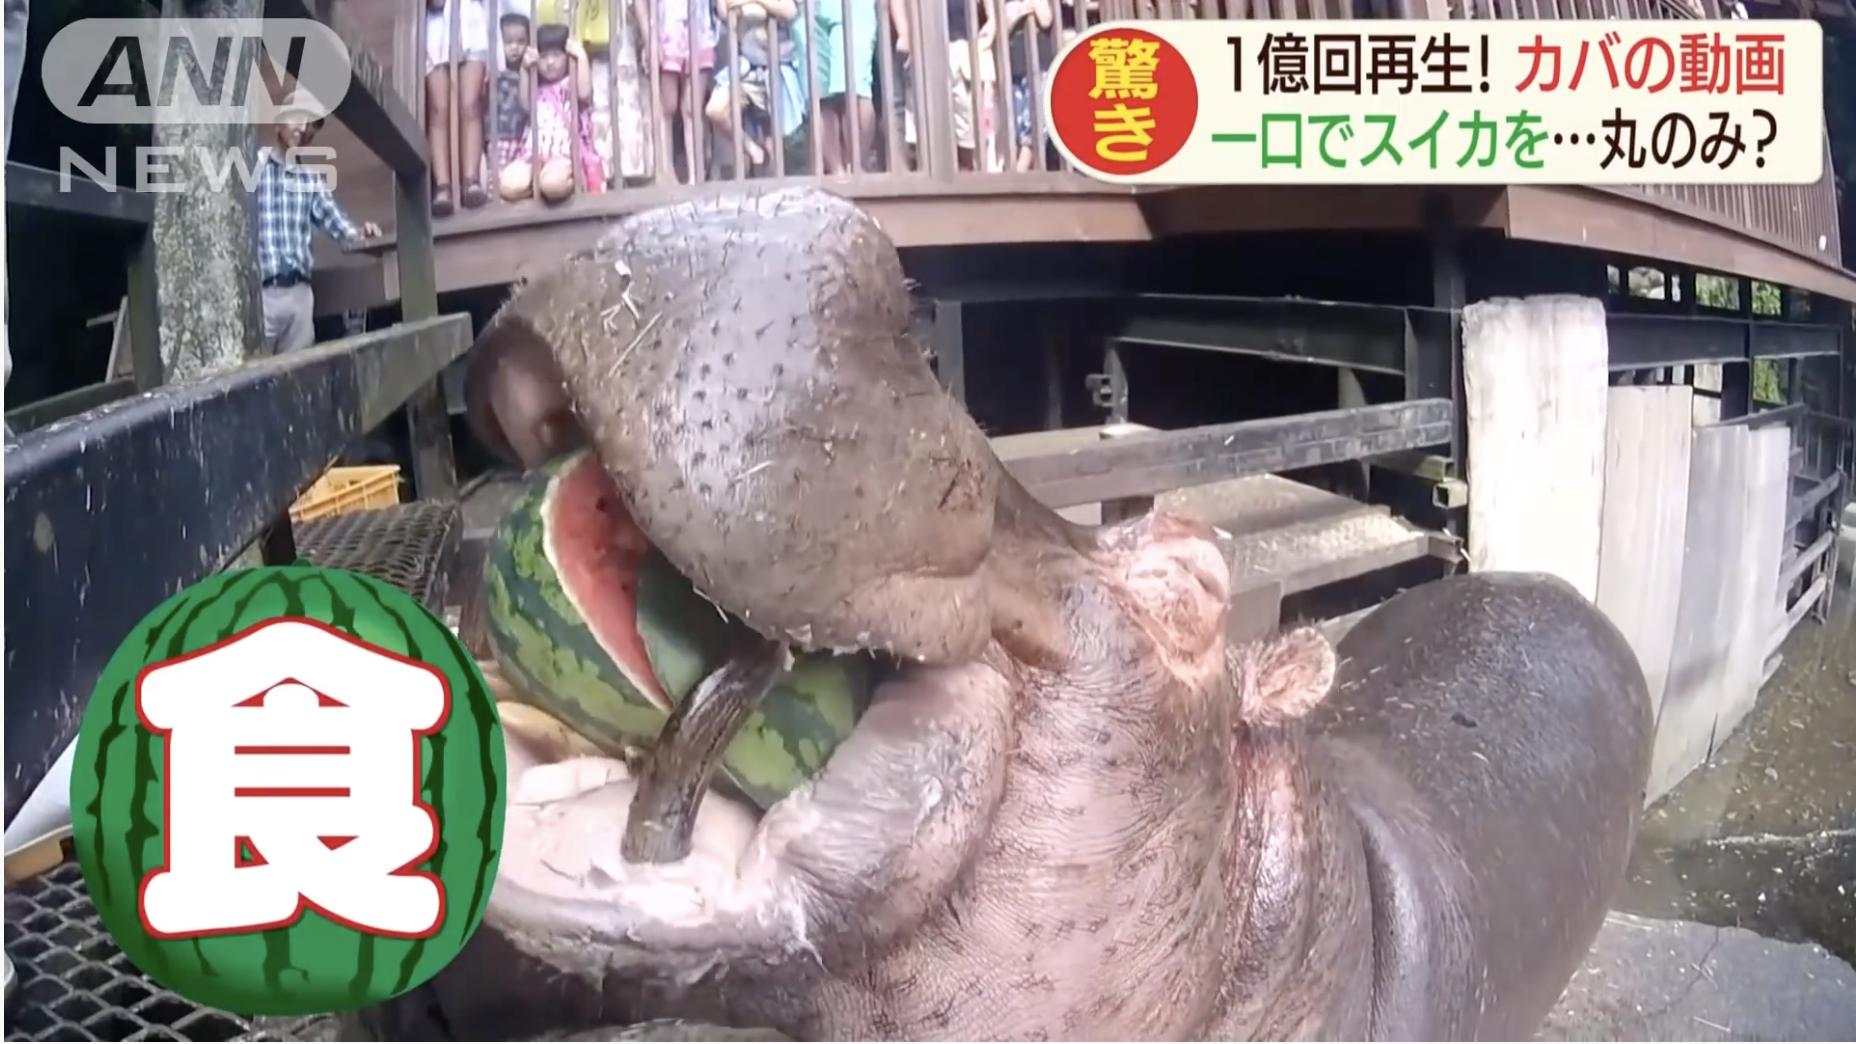 【再生1億回超え】カバ動画 スイカを丸ごと一口で!